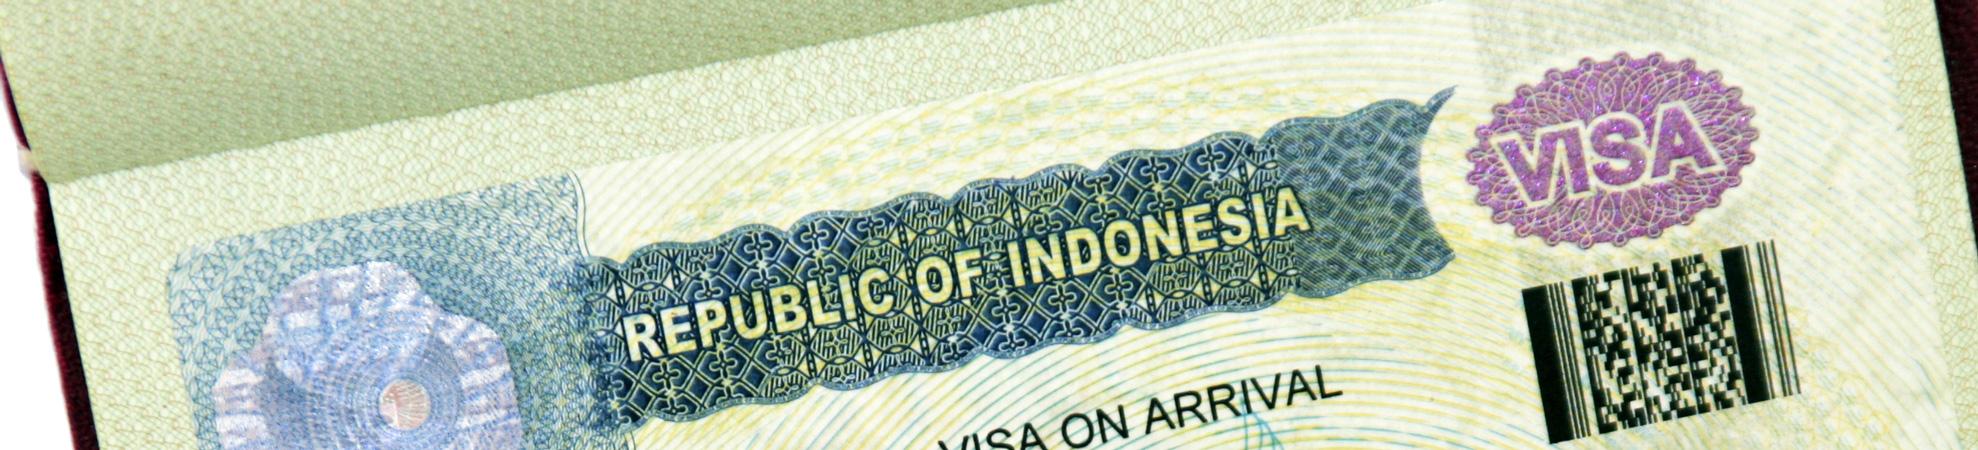 Comment bien choisir son assurance avant son circuit en Indonésie